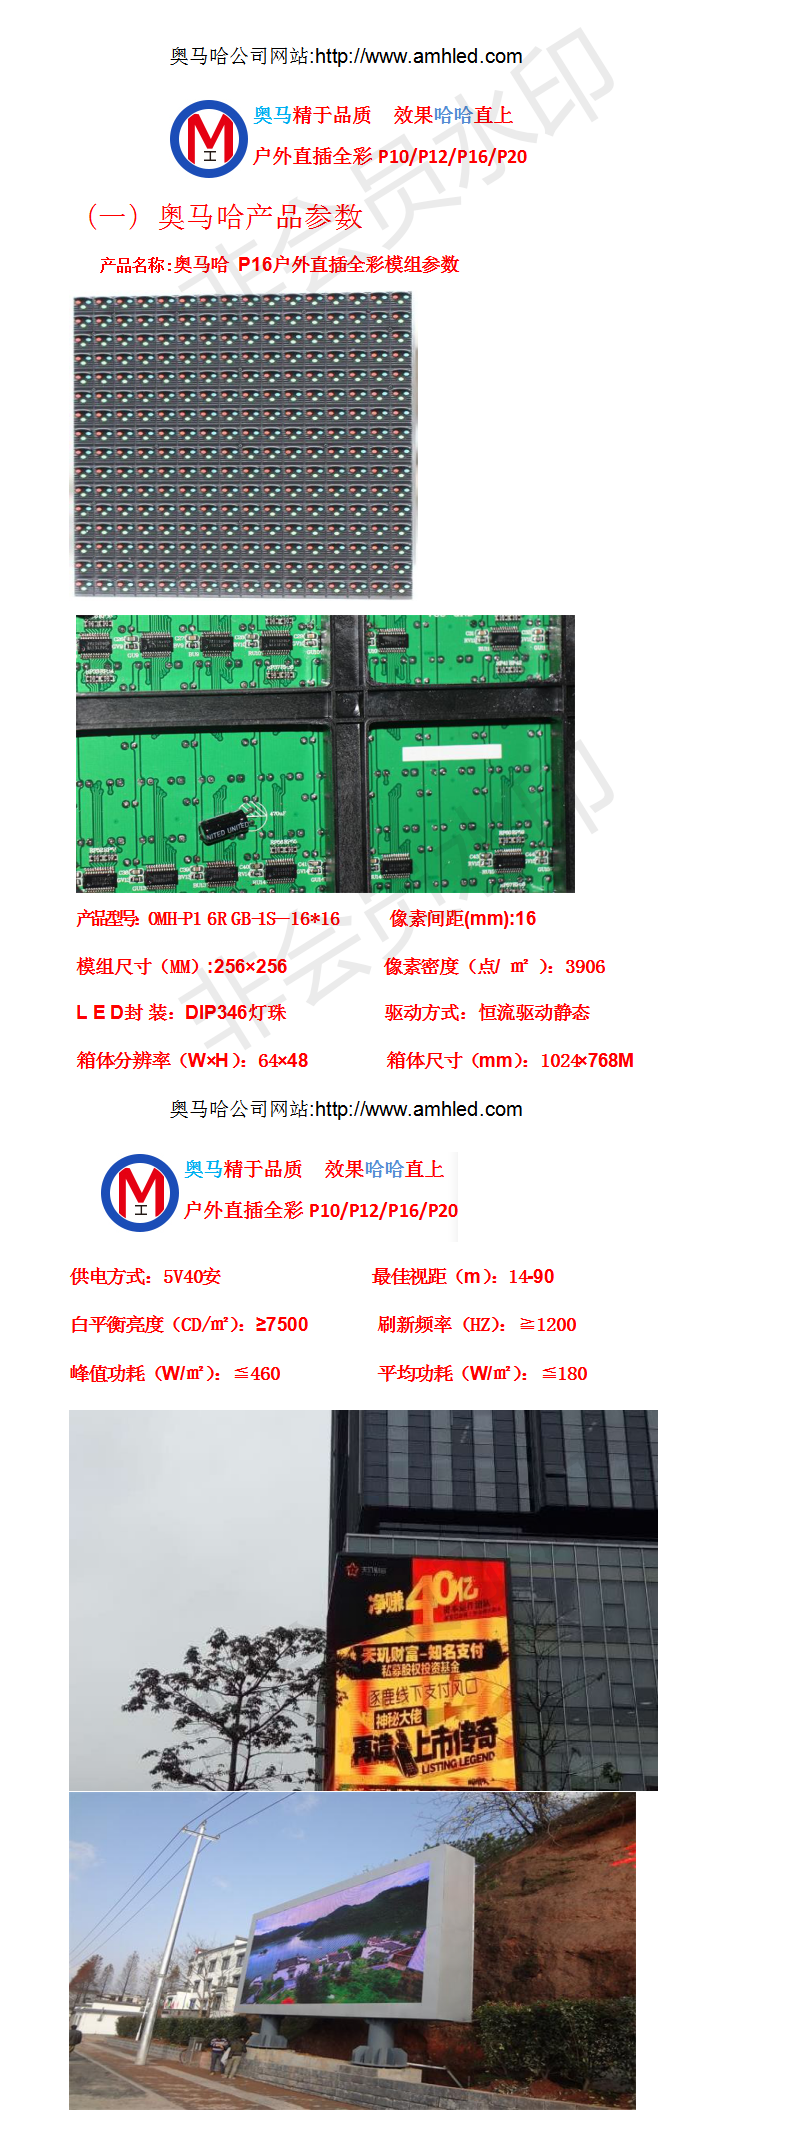 烟台市西炮台山公园LED户外传媒显示屏专用P16直插全彩箱体(奥马哈)